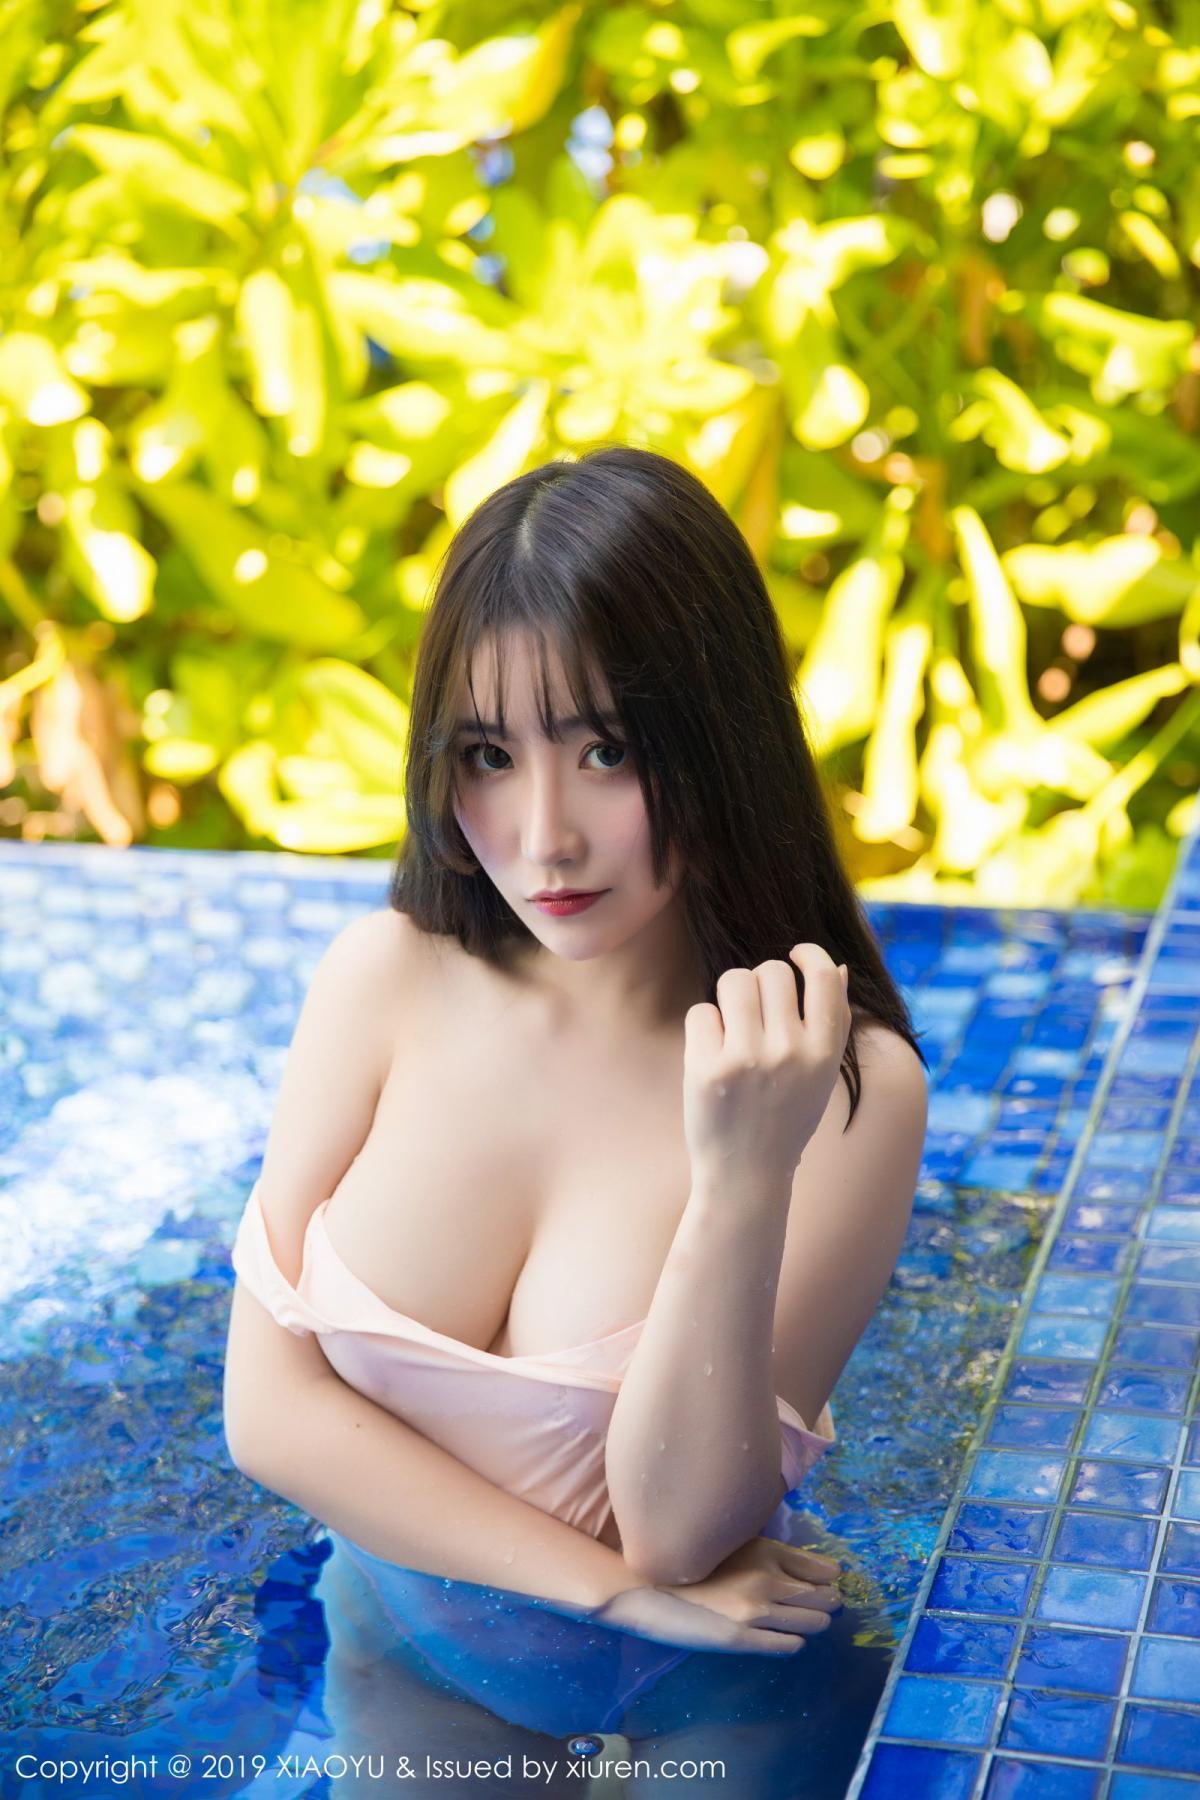 [XiaoYu] Vol.155 Xie Zhi Xin 39P, Bathroom, Big Booty, Wet, XiaoYu, Xie Zhi Xin